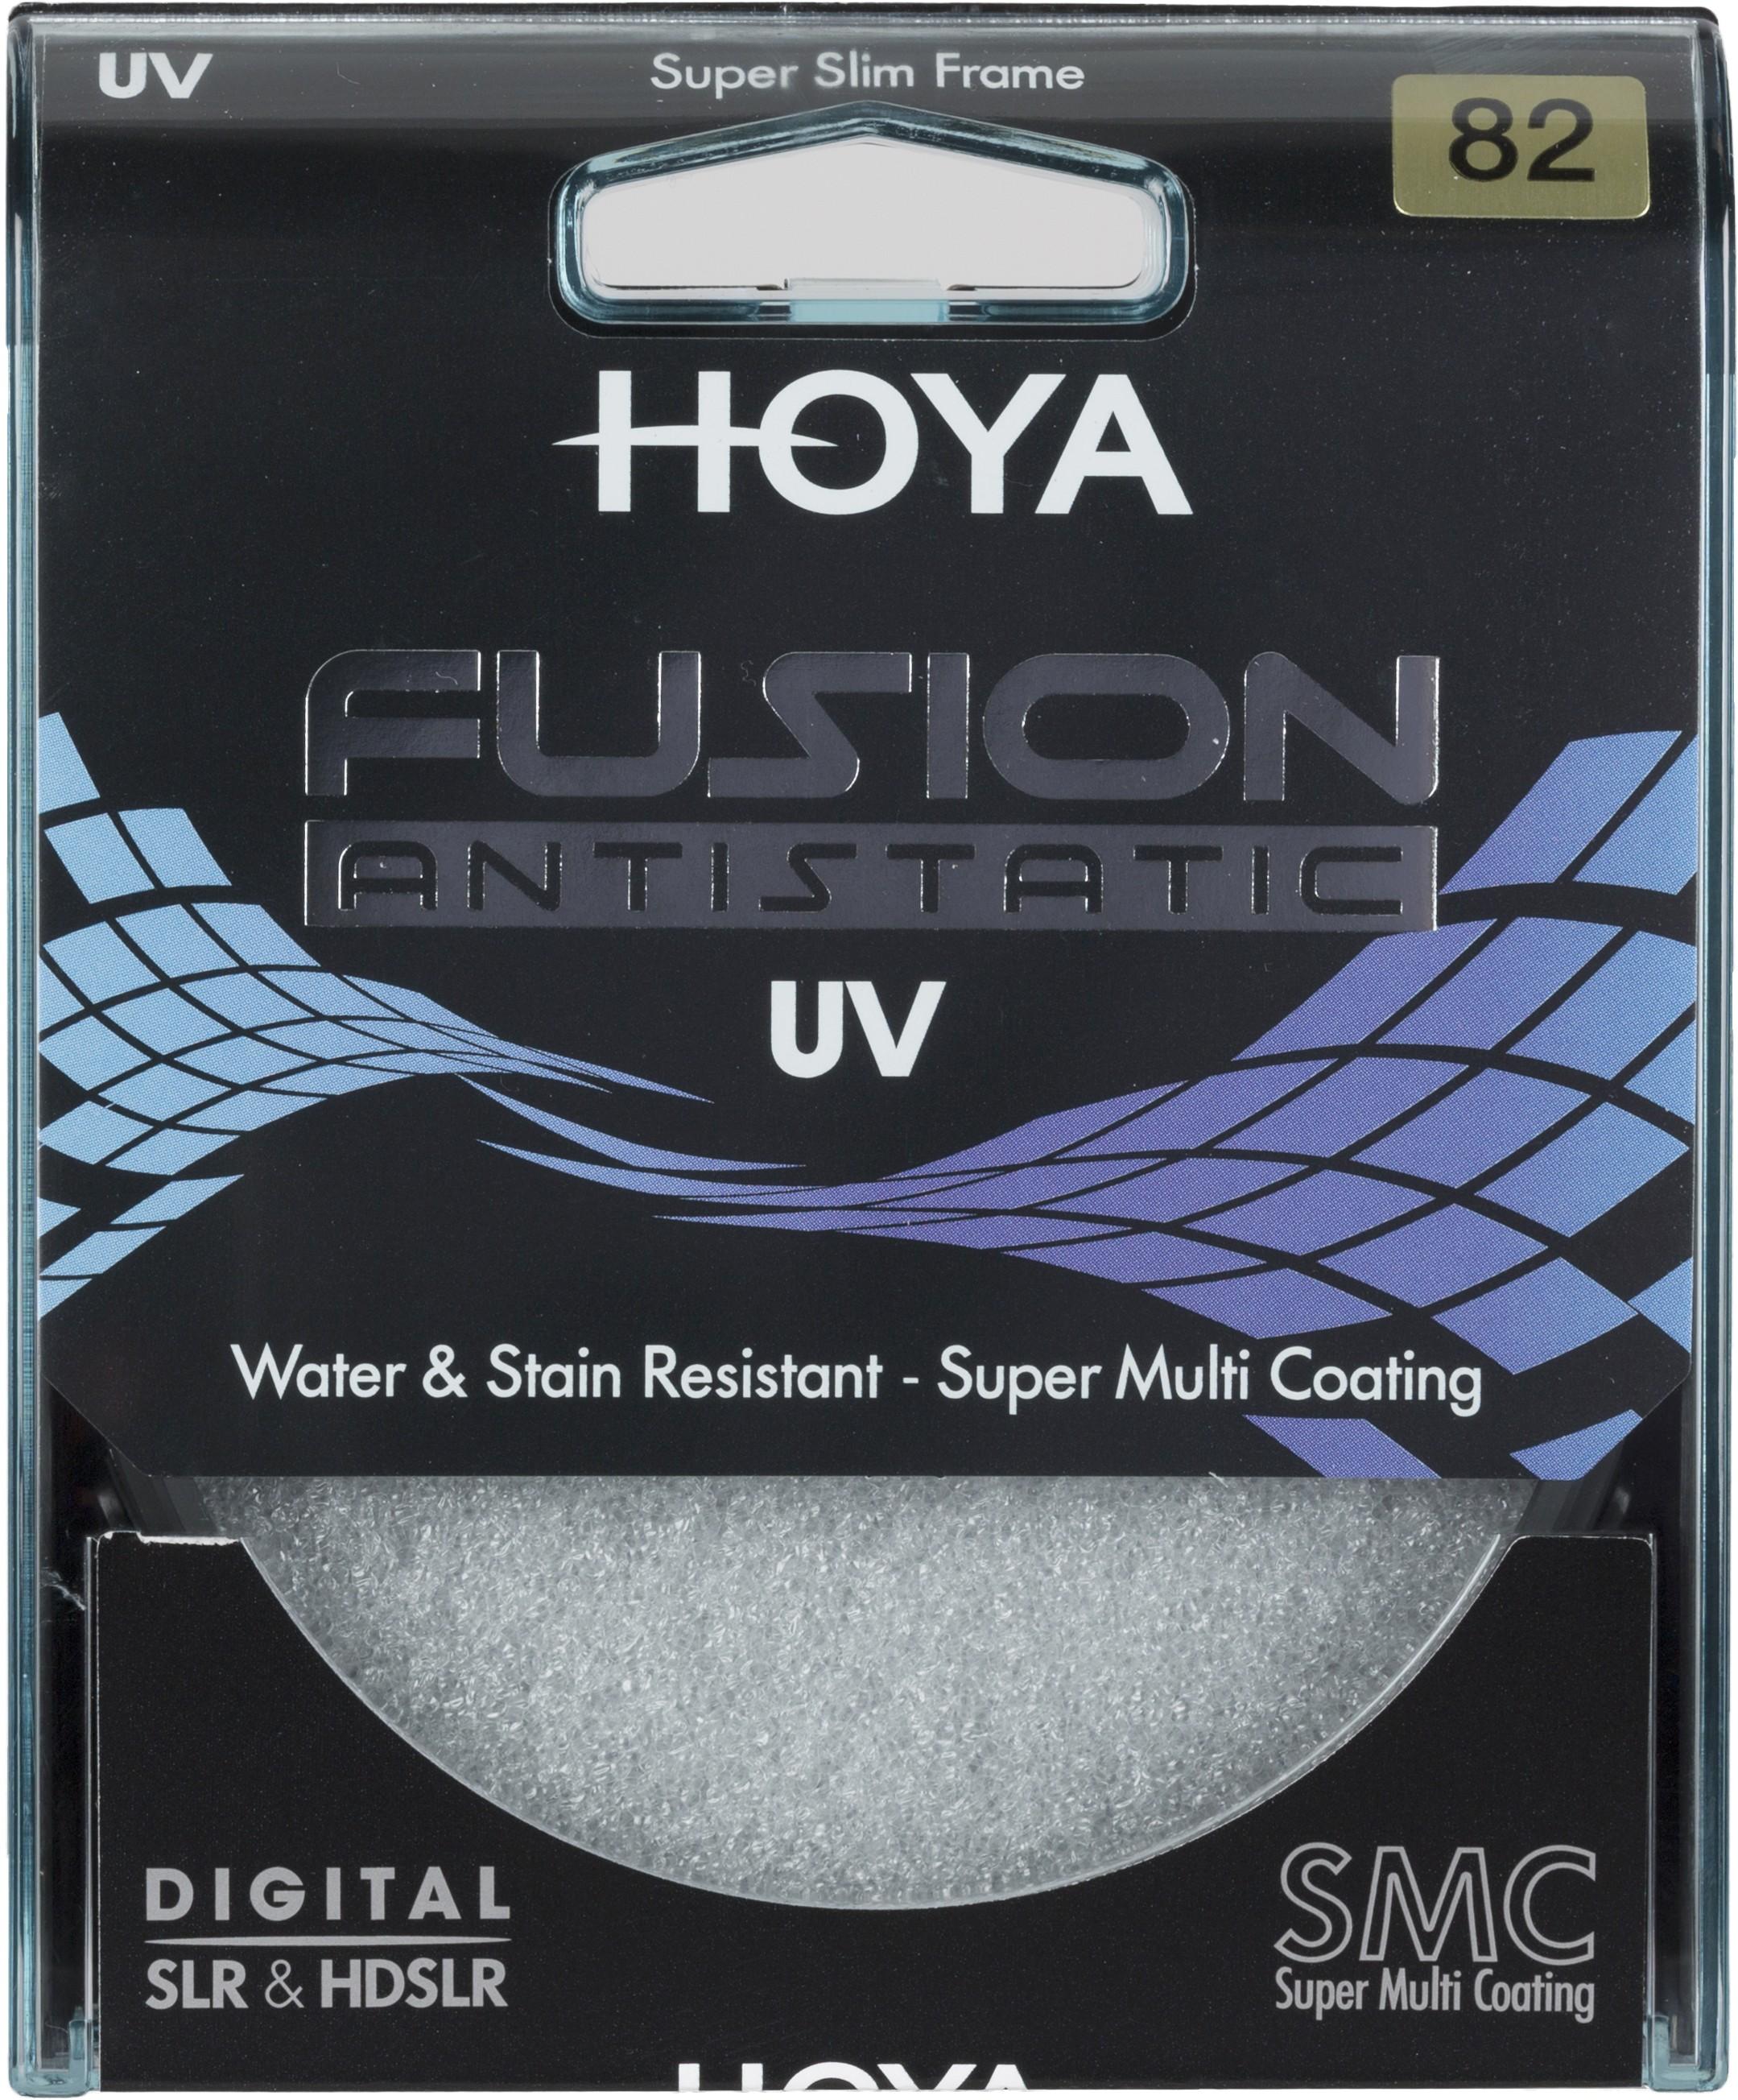 Hoya filter UV Fusion Antistatic 82mm